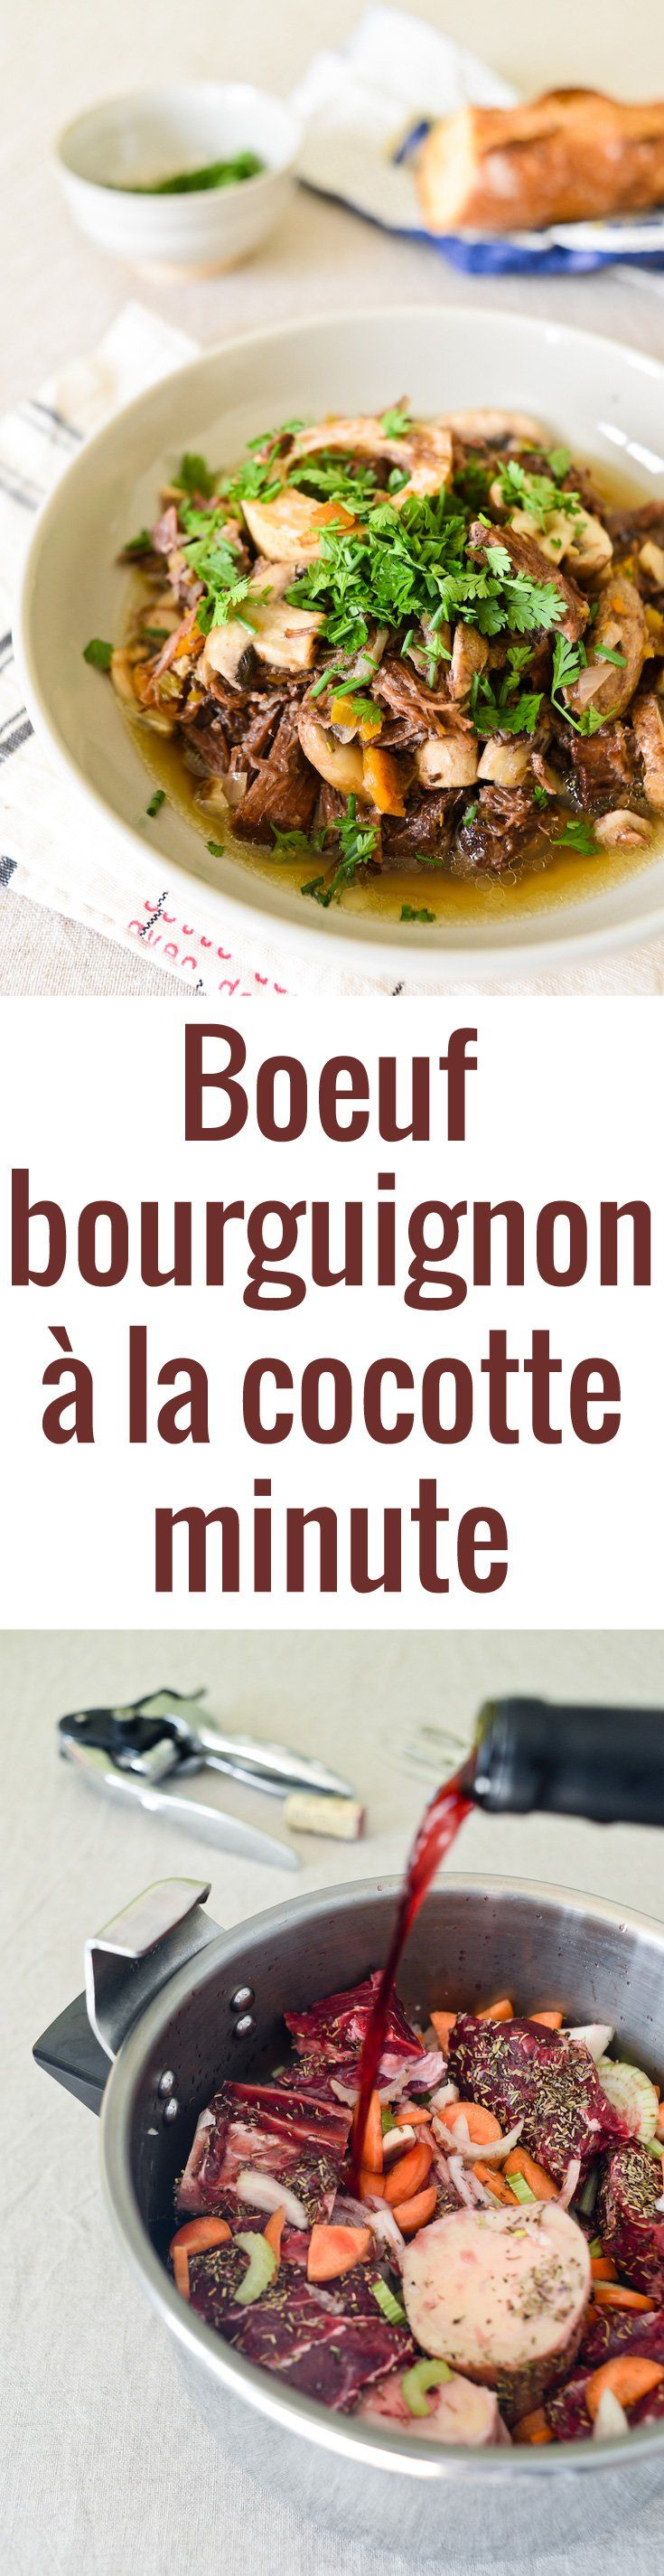 boeuf bourguignon la cocotte minute recipe boeuf. Black Bedroom Furniture Sets. Home Design Ideas